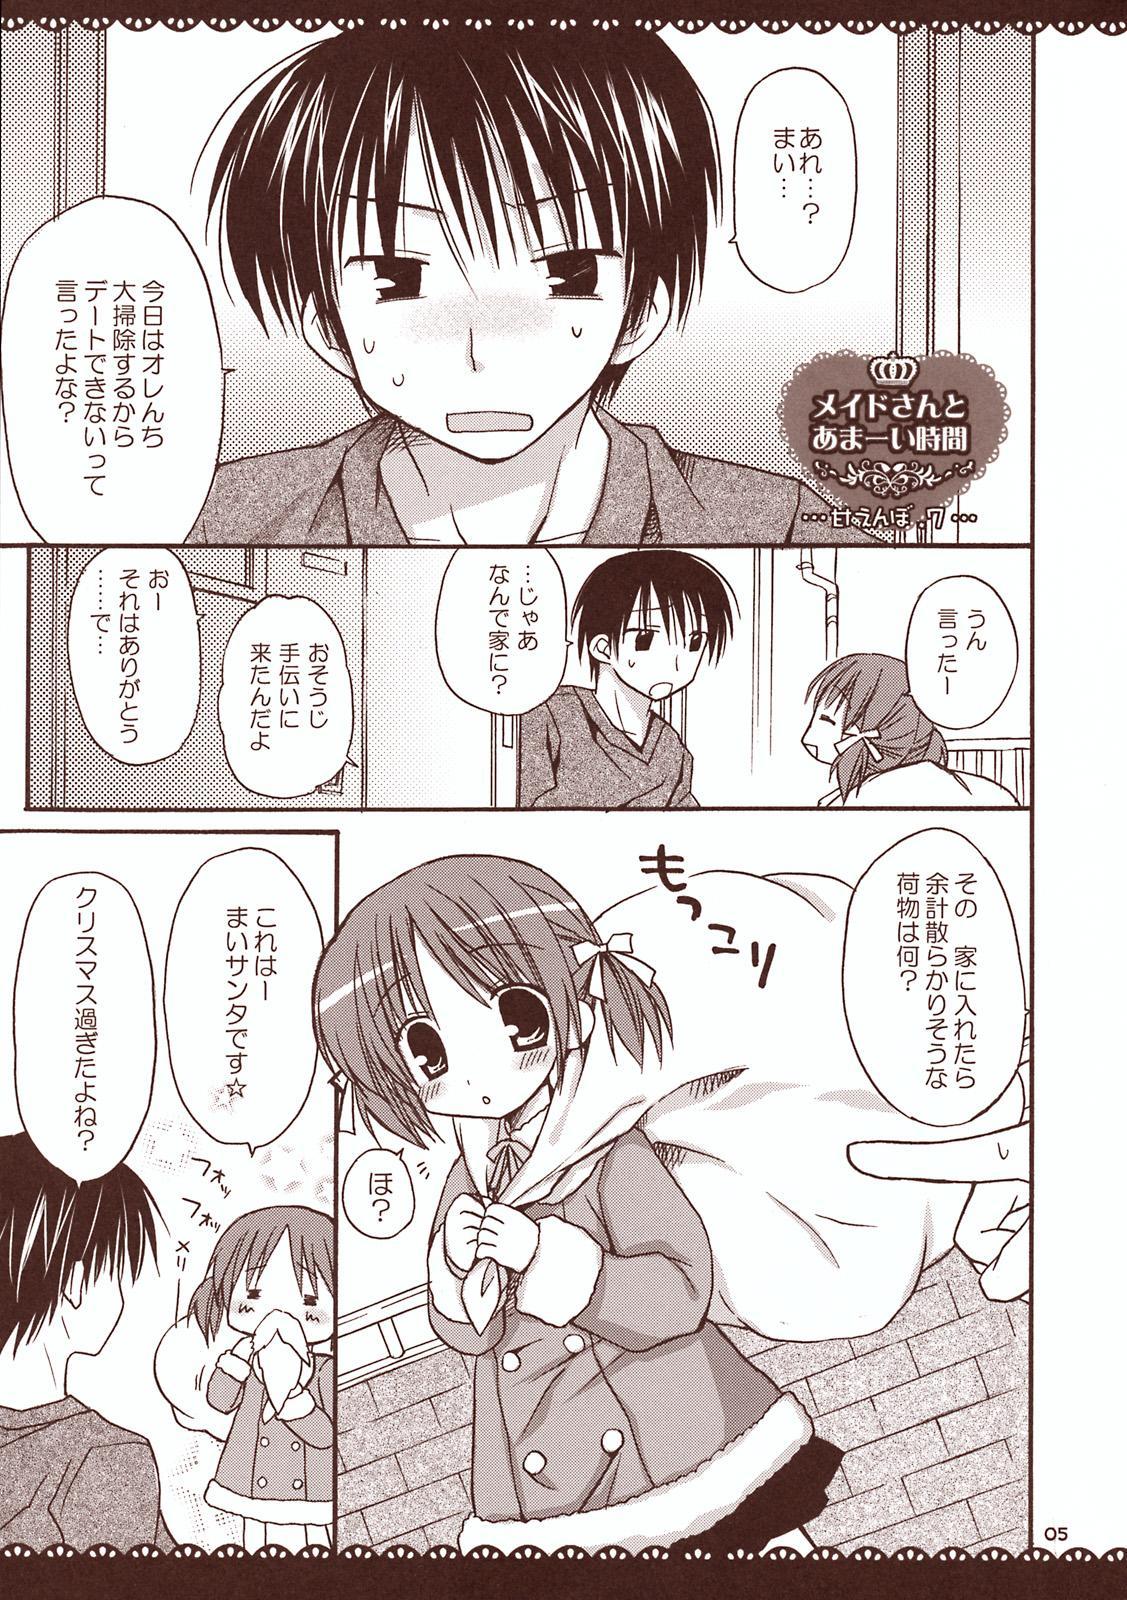 Maid-san to Amai Jikan 3